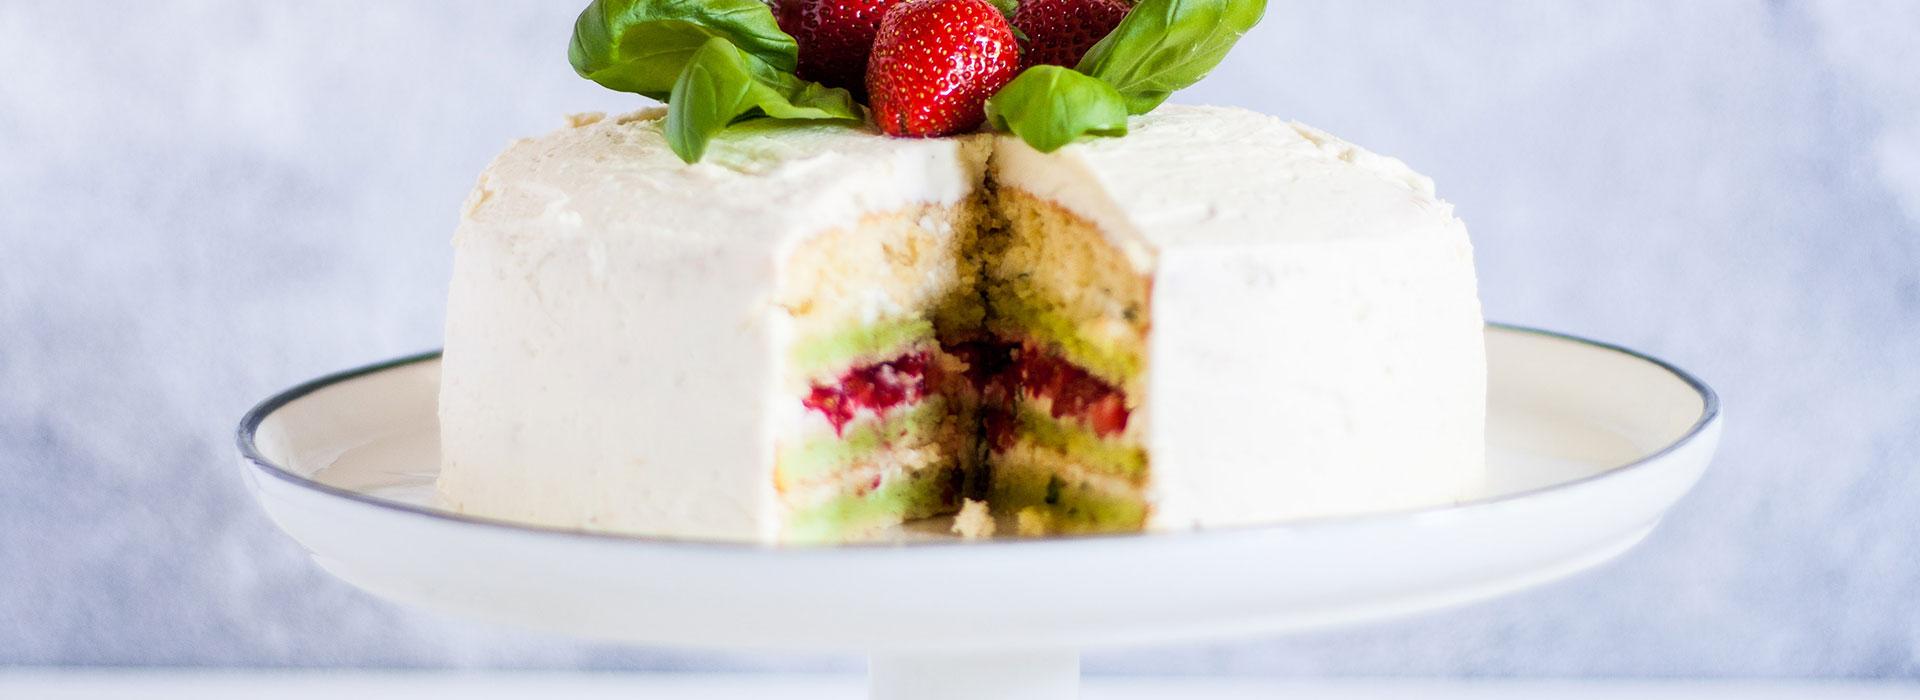 Basilikum-Erdbeer-Torte